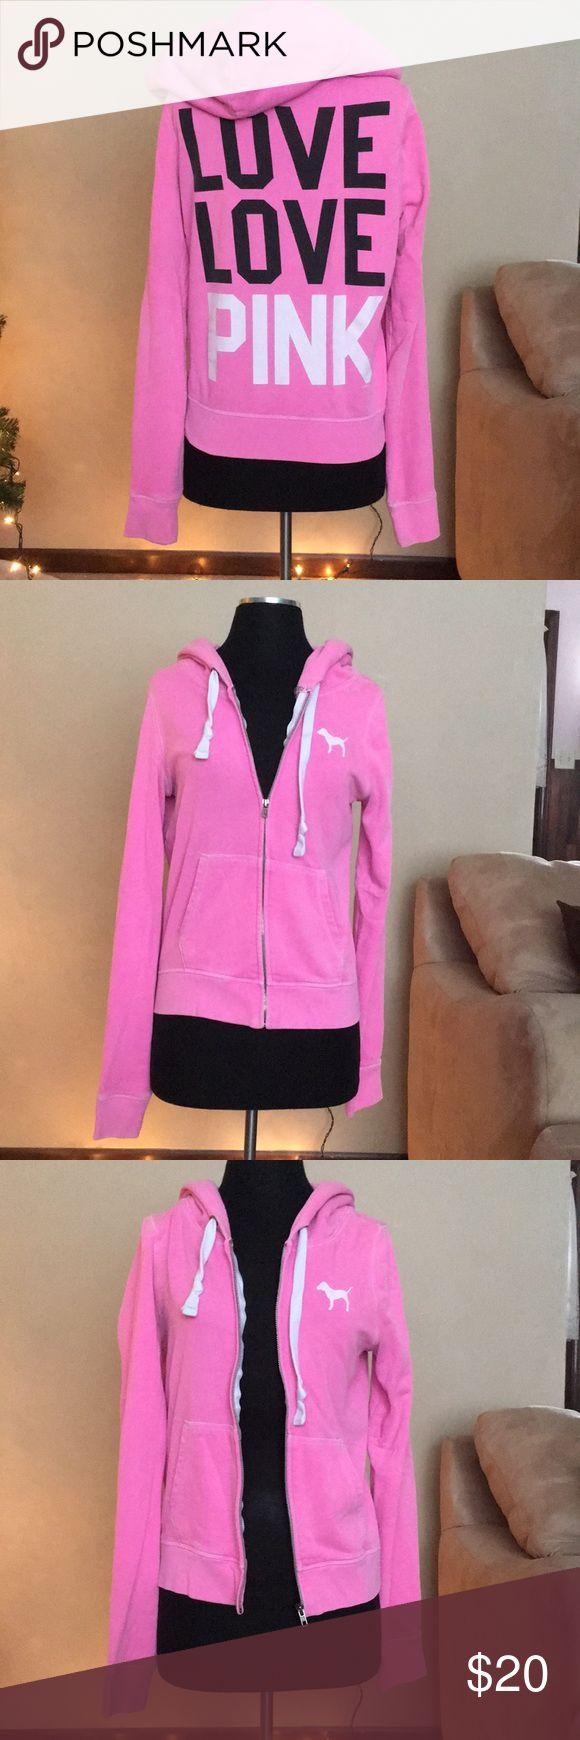 Victoria's Secret PINK Zip Up Hoodie Zip up hoodie, good condition PINK Victoria's Secret Tops Sweatshirts & Hoodies